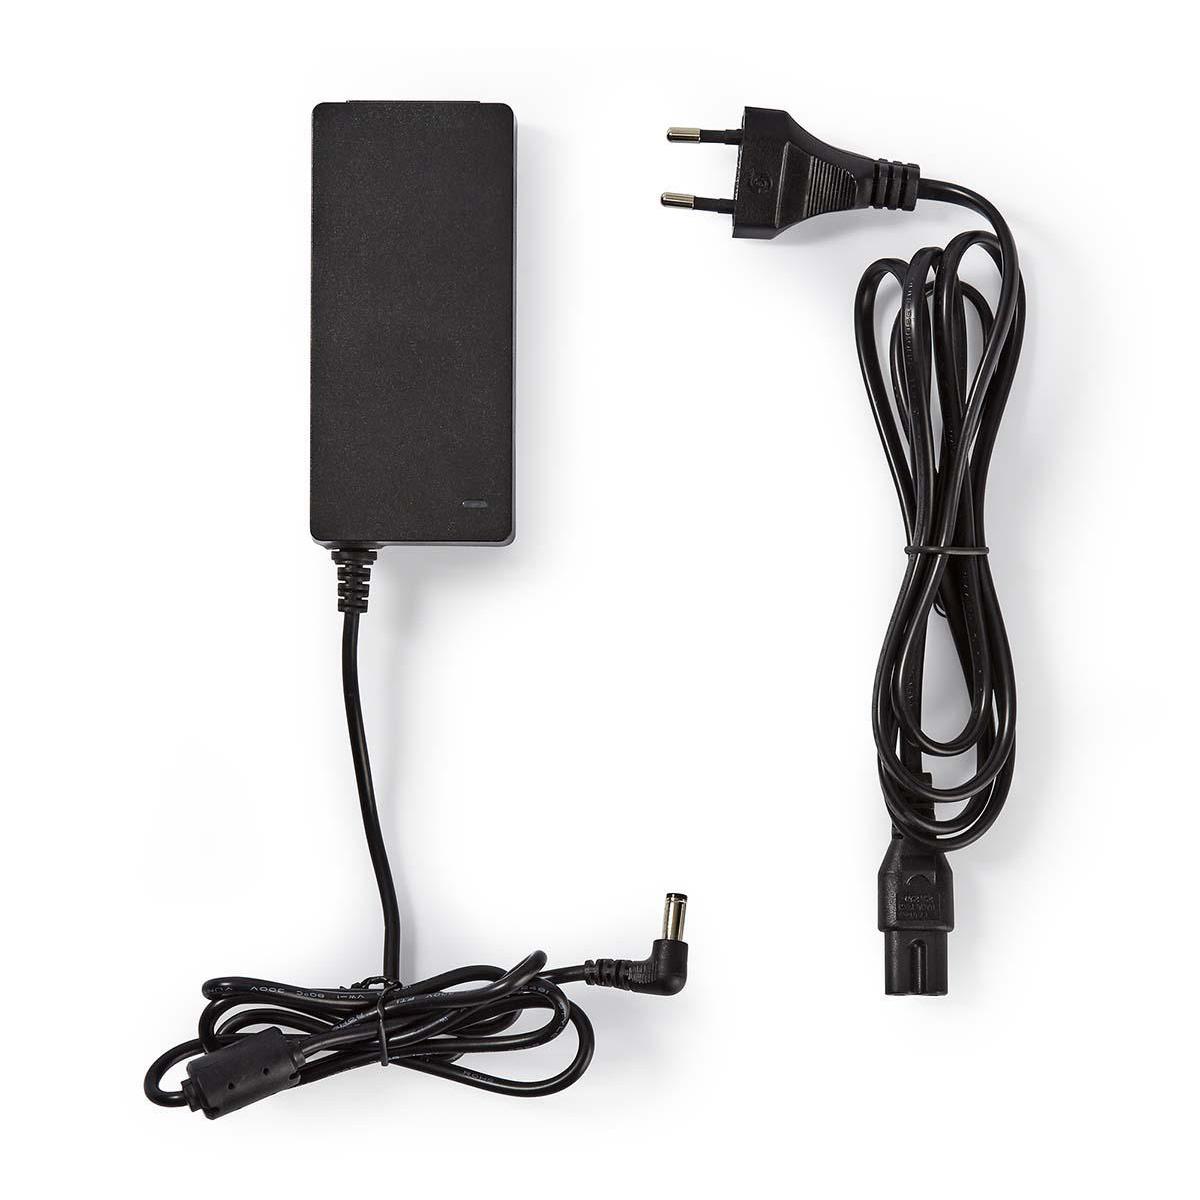 Este no es un adaptador de CCTV estándar: este adaptador está específicamente diseñado para sistemas de CCTV que imponen una gran demanda de energía. Cuando los adaptadores estándar rara vez proporcionan suficiente energía para su uso con CCTV, ciertament